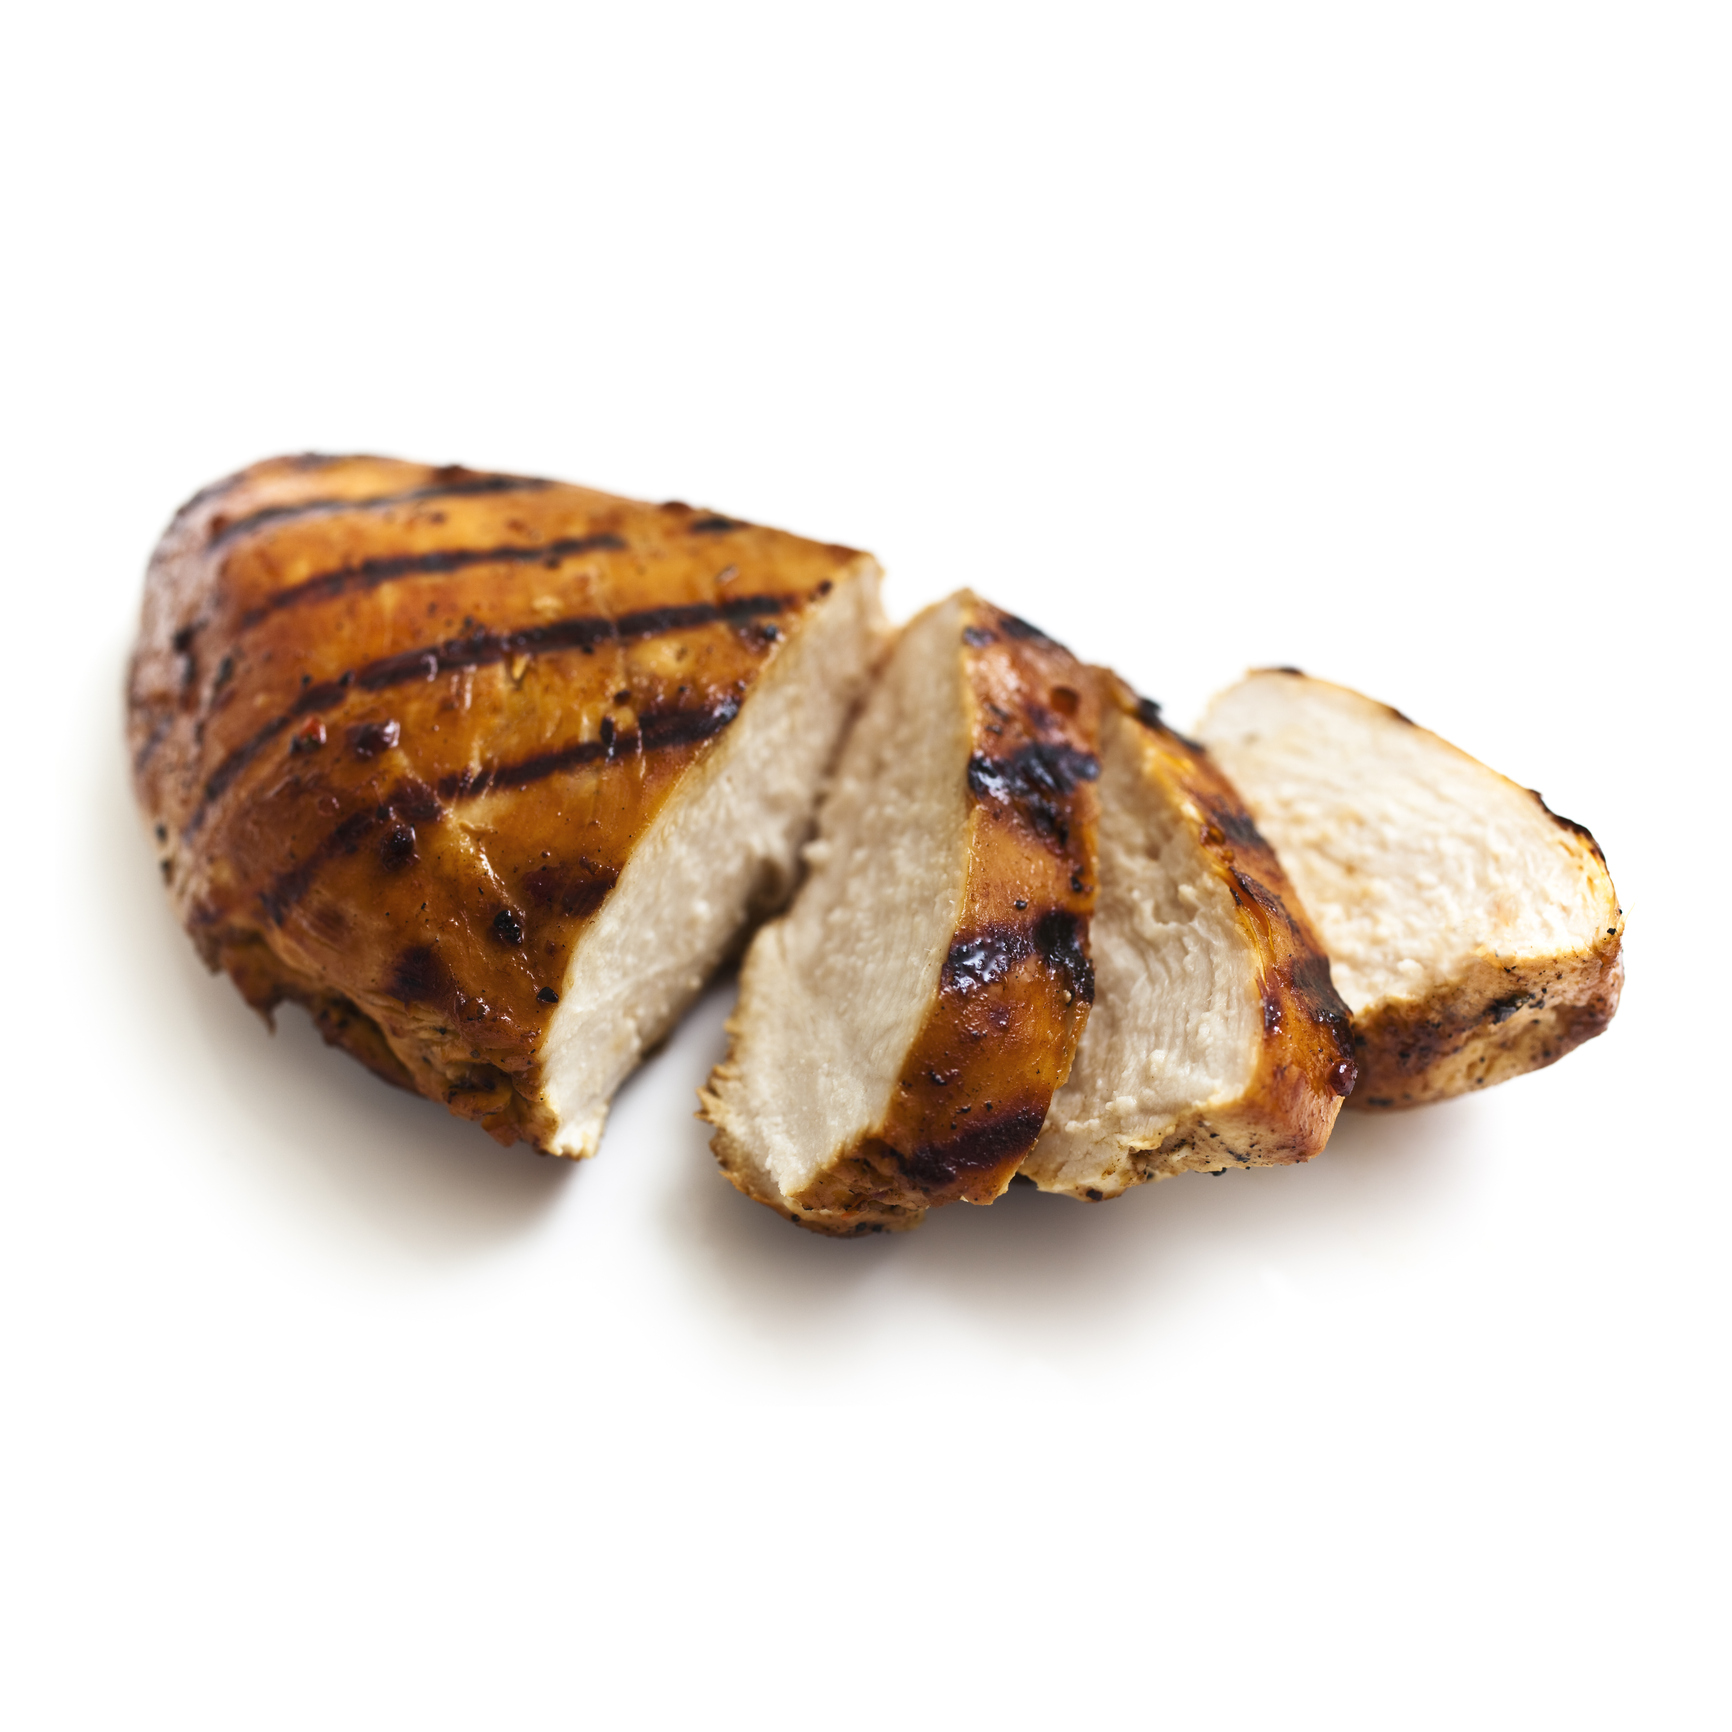 getty-chicken-breast-image